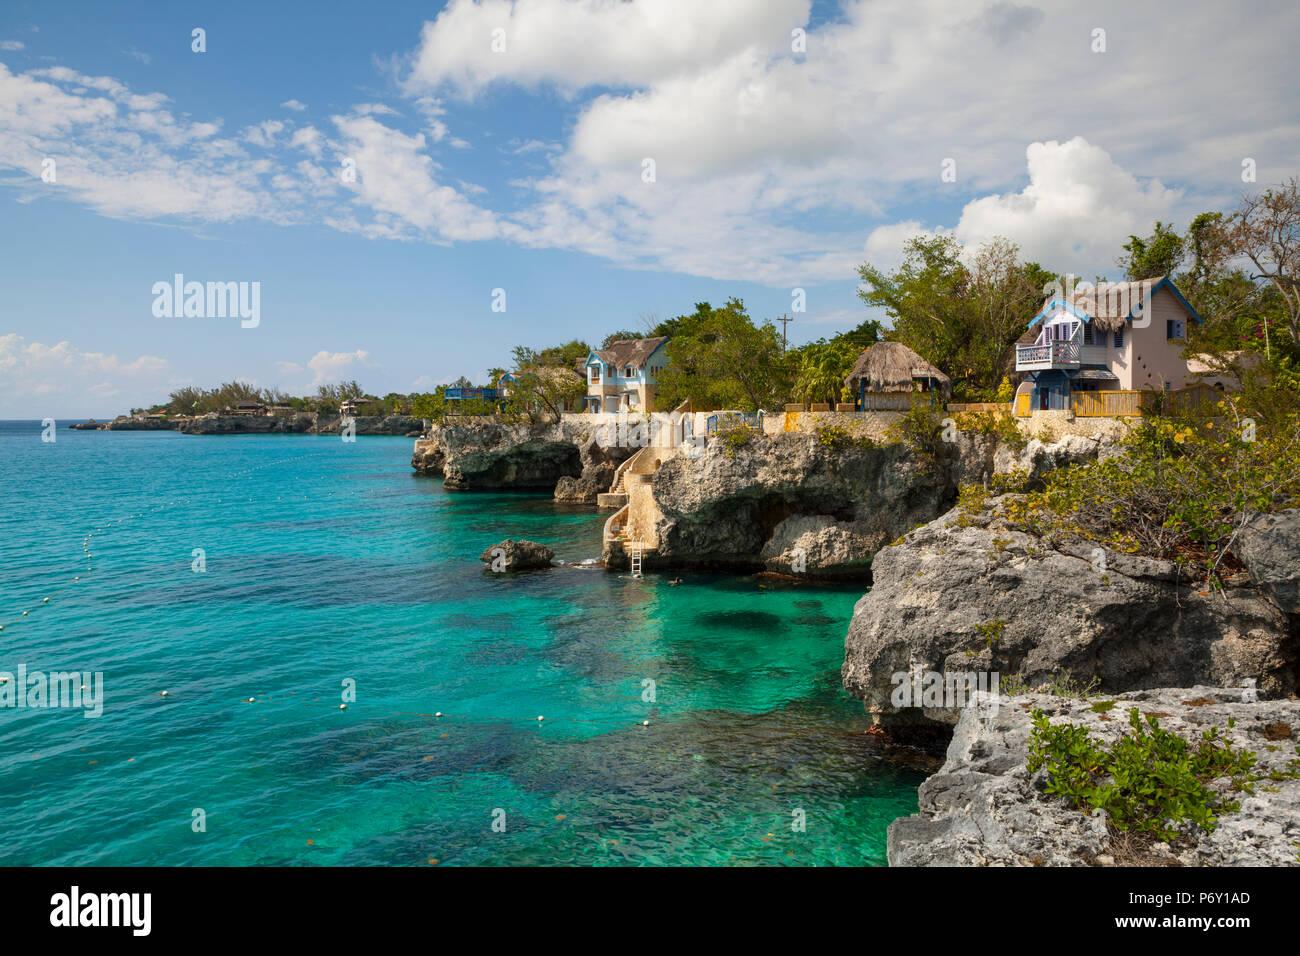 El idílico West End, Negril, Westmoreland, Jamaica Imagen De Stock